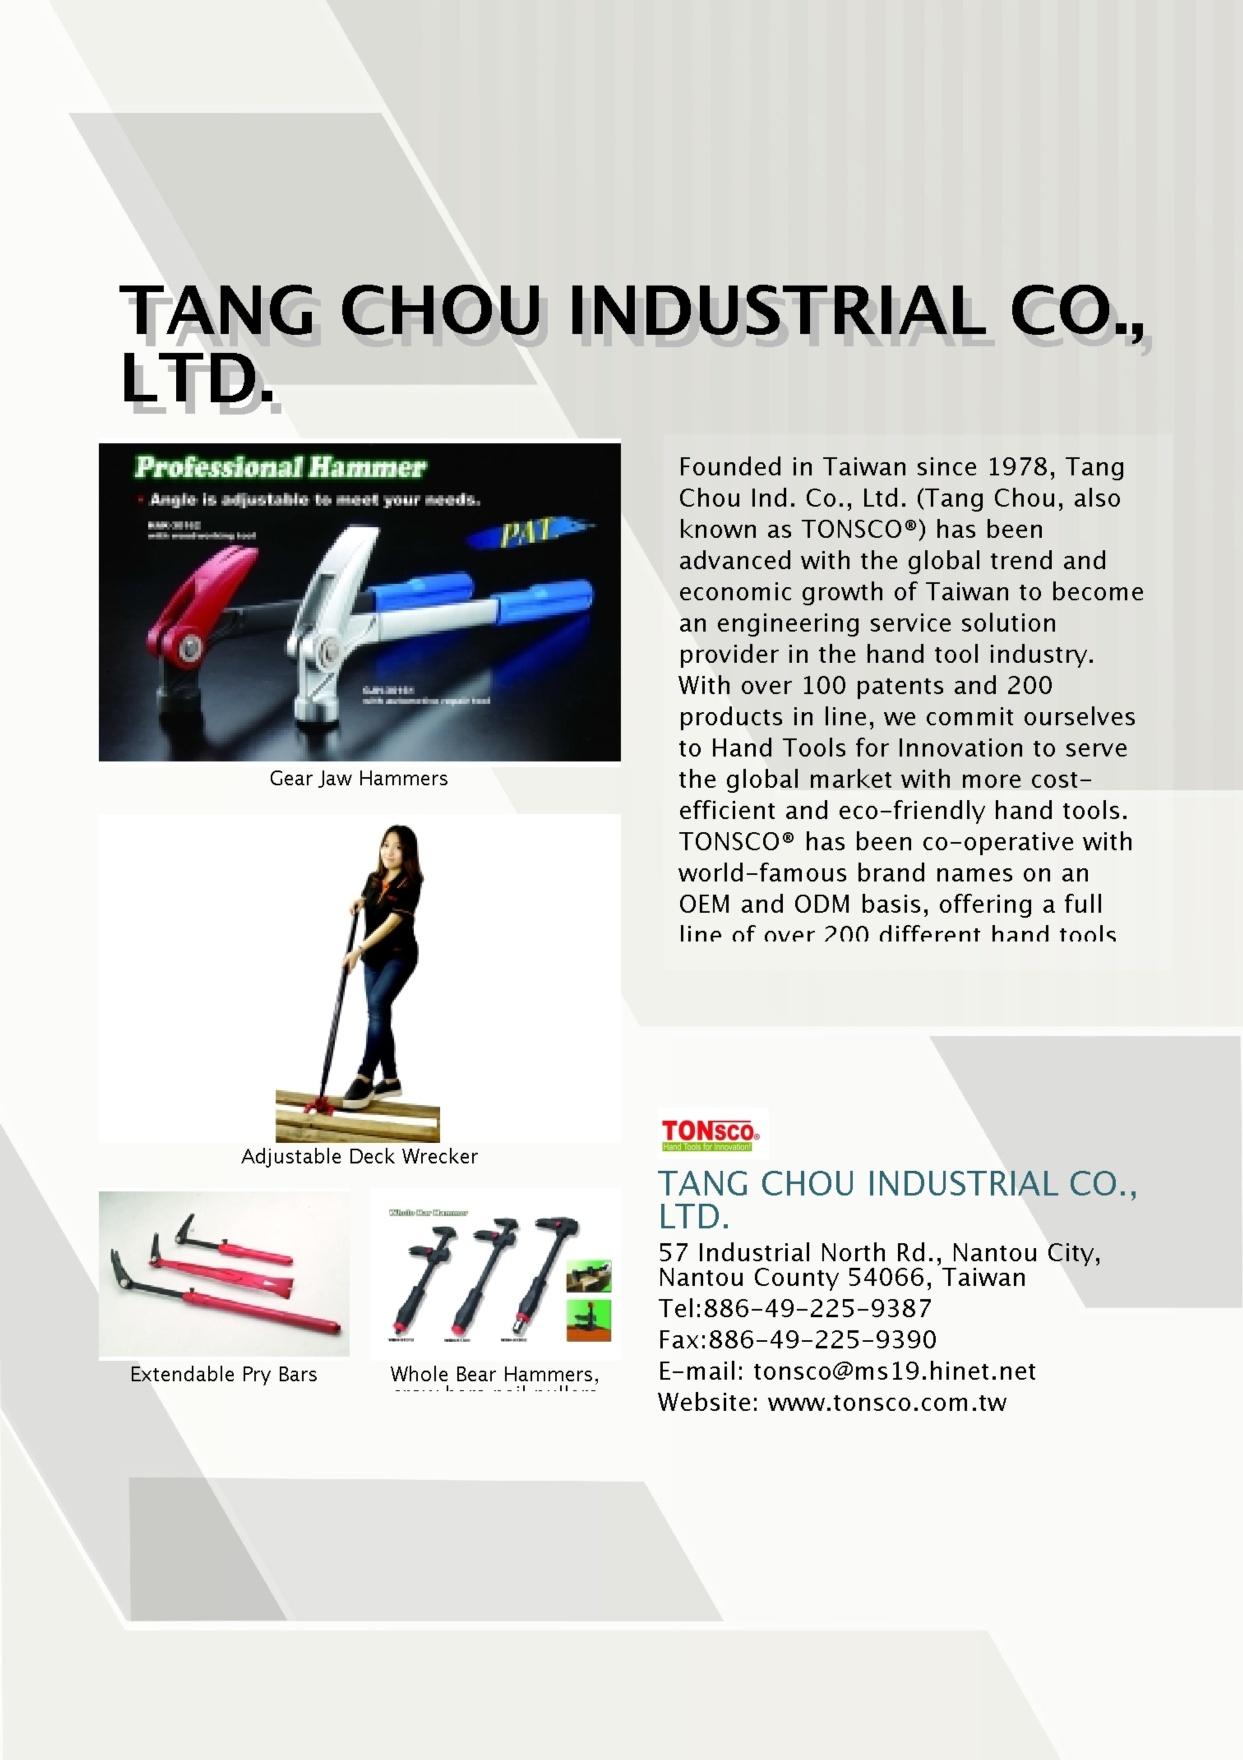 唐州工業股份有限公司